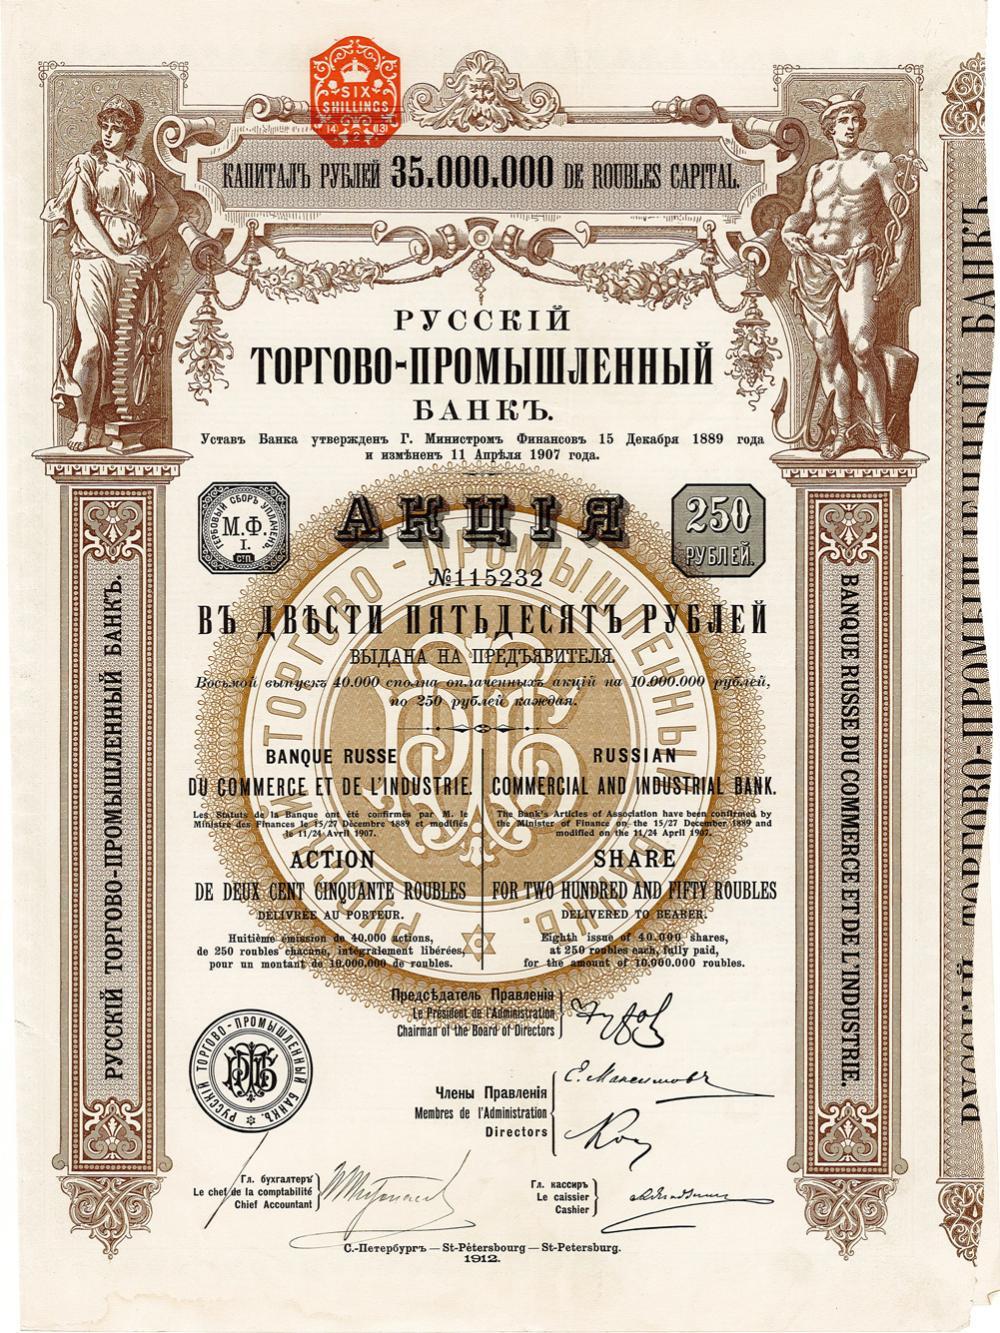 Banque Russe du Commerce et Industrie